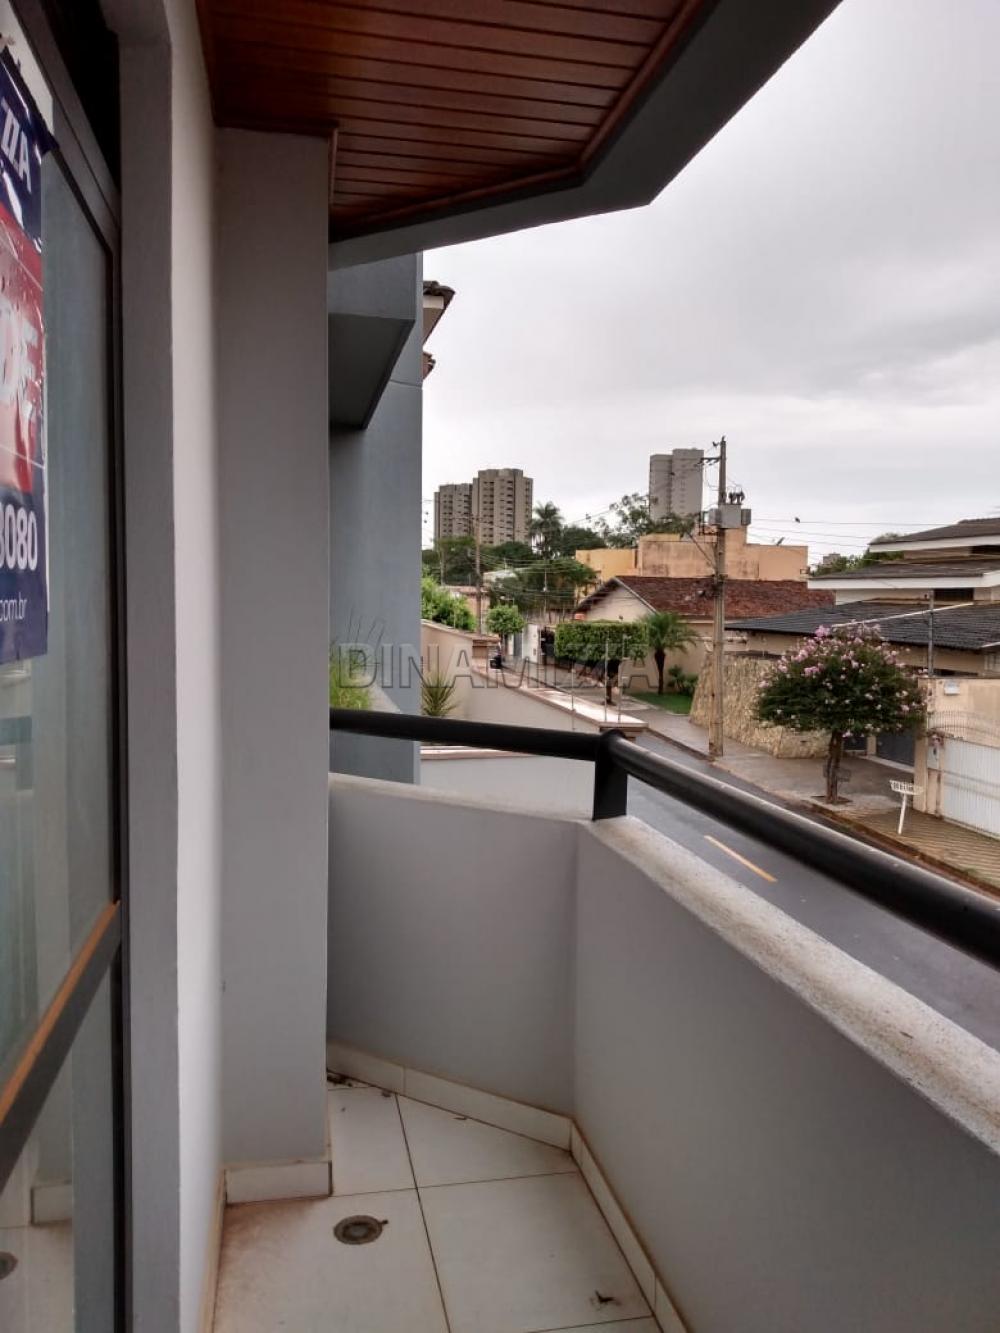 Comprar Apartamento / Padrão em Uberaba apenas R$ 315.000,00 - Foto 4